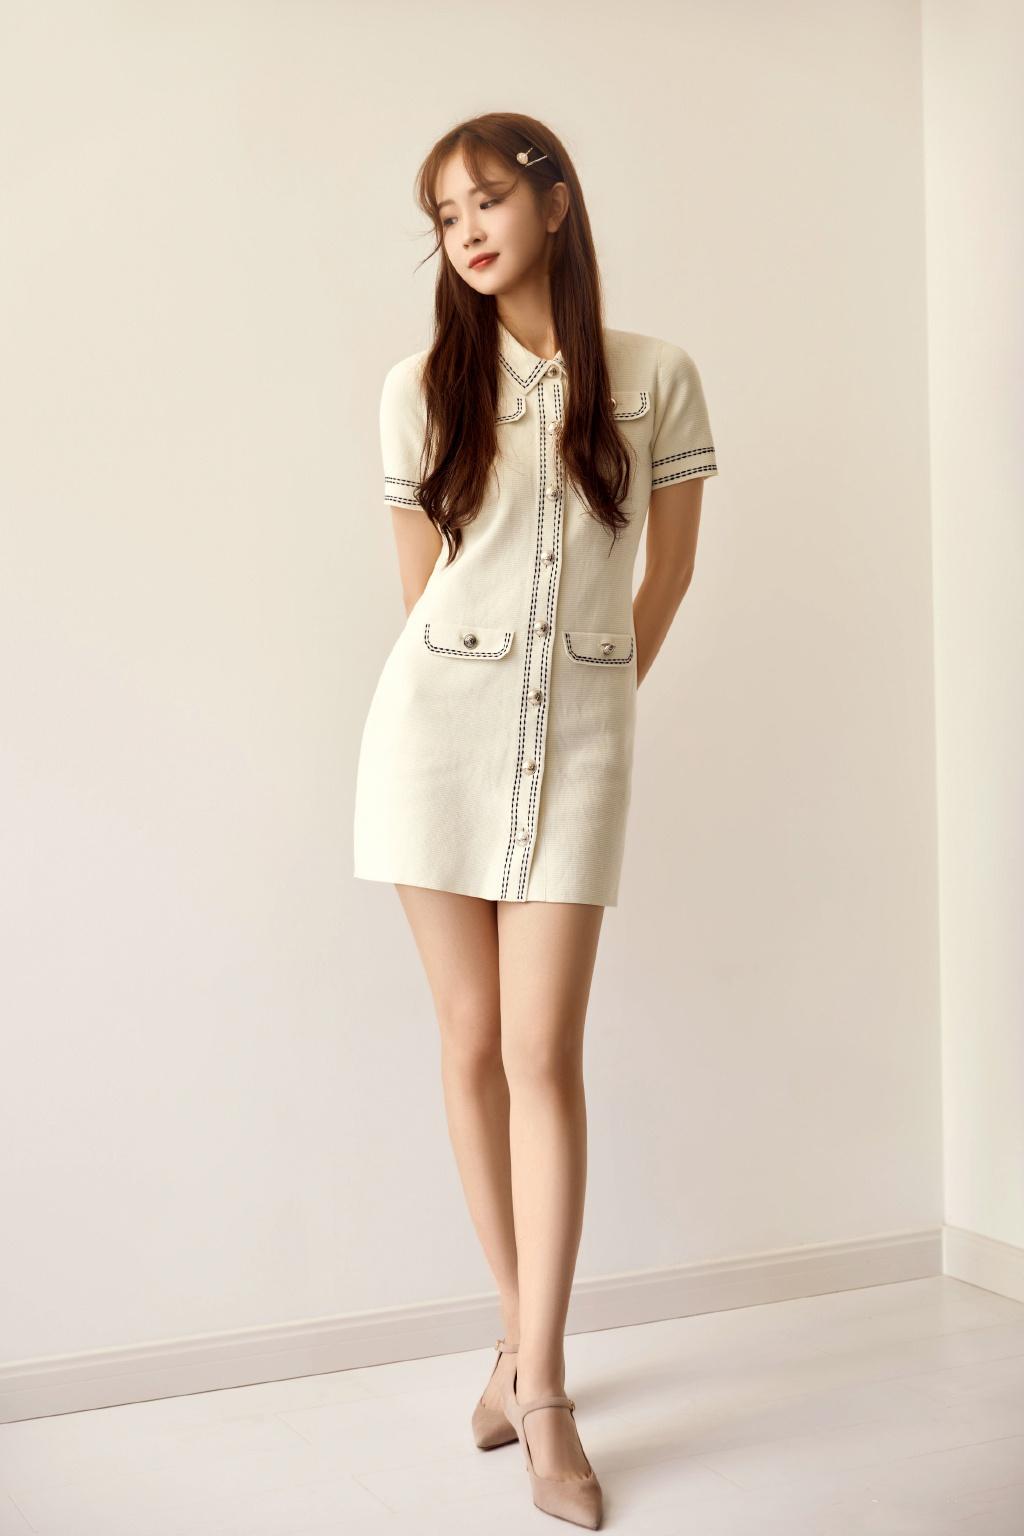 徐紫茵受邀出席活动,身穿Maje白色简约针织连衣裙